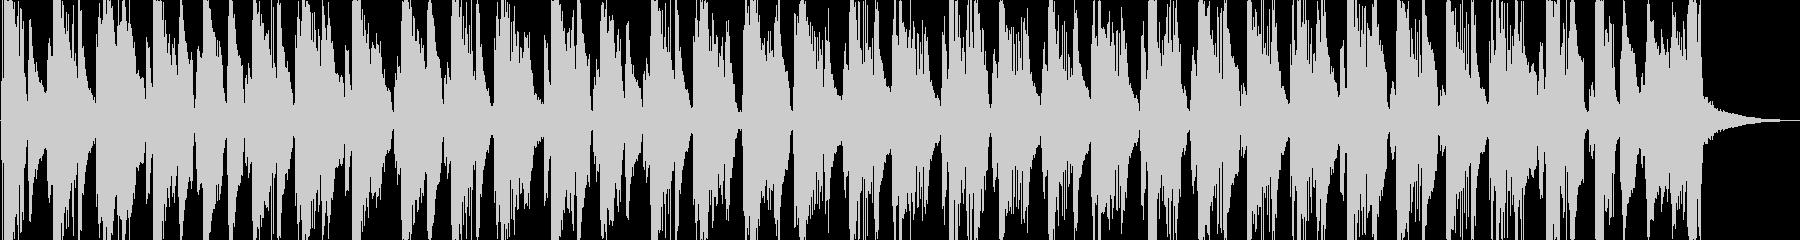 ウクレレと軽快なブラスのジングルの未再生の波形